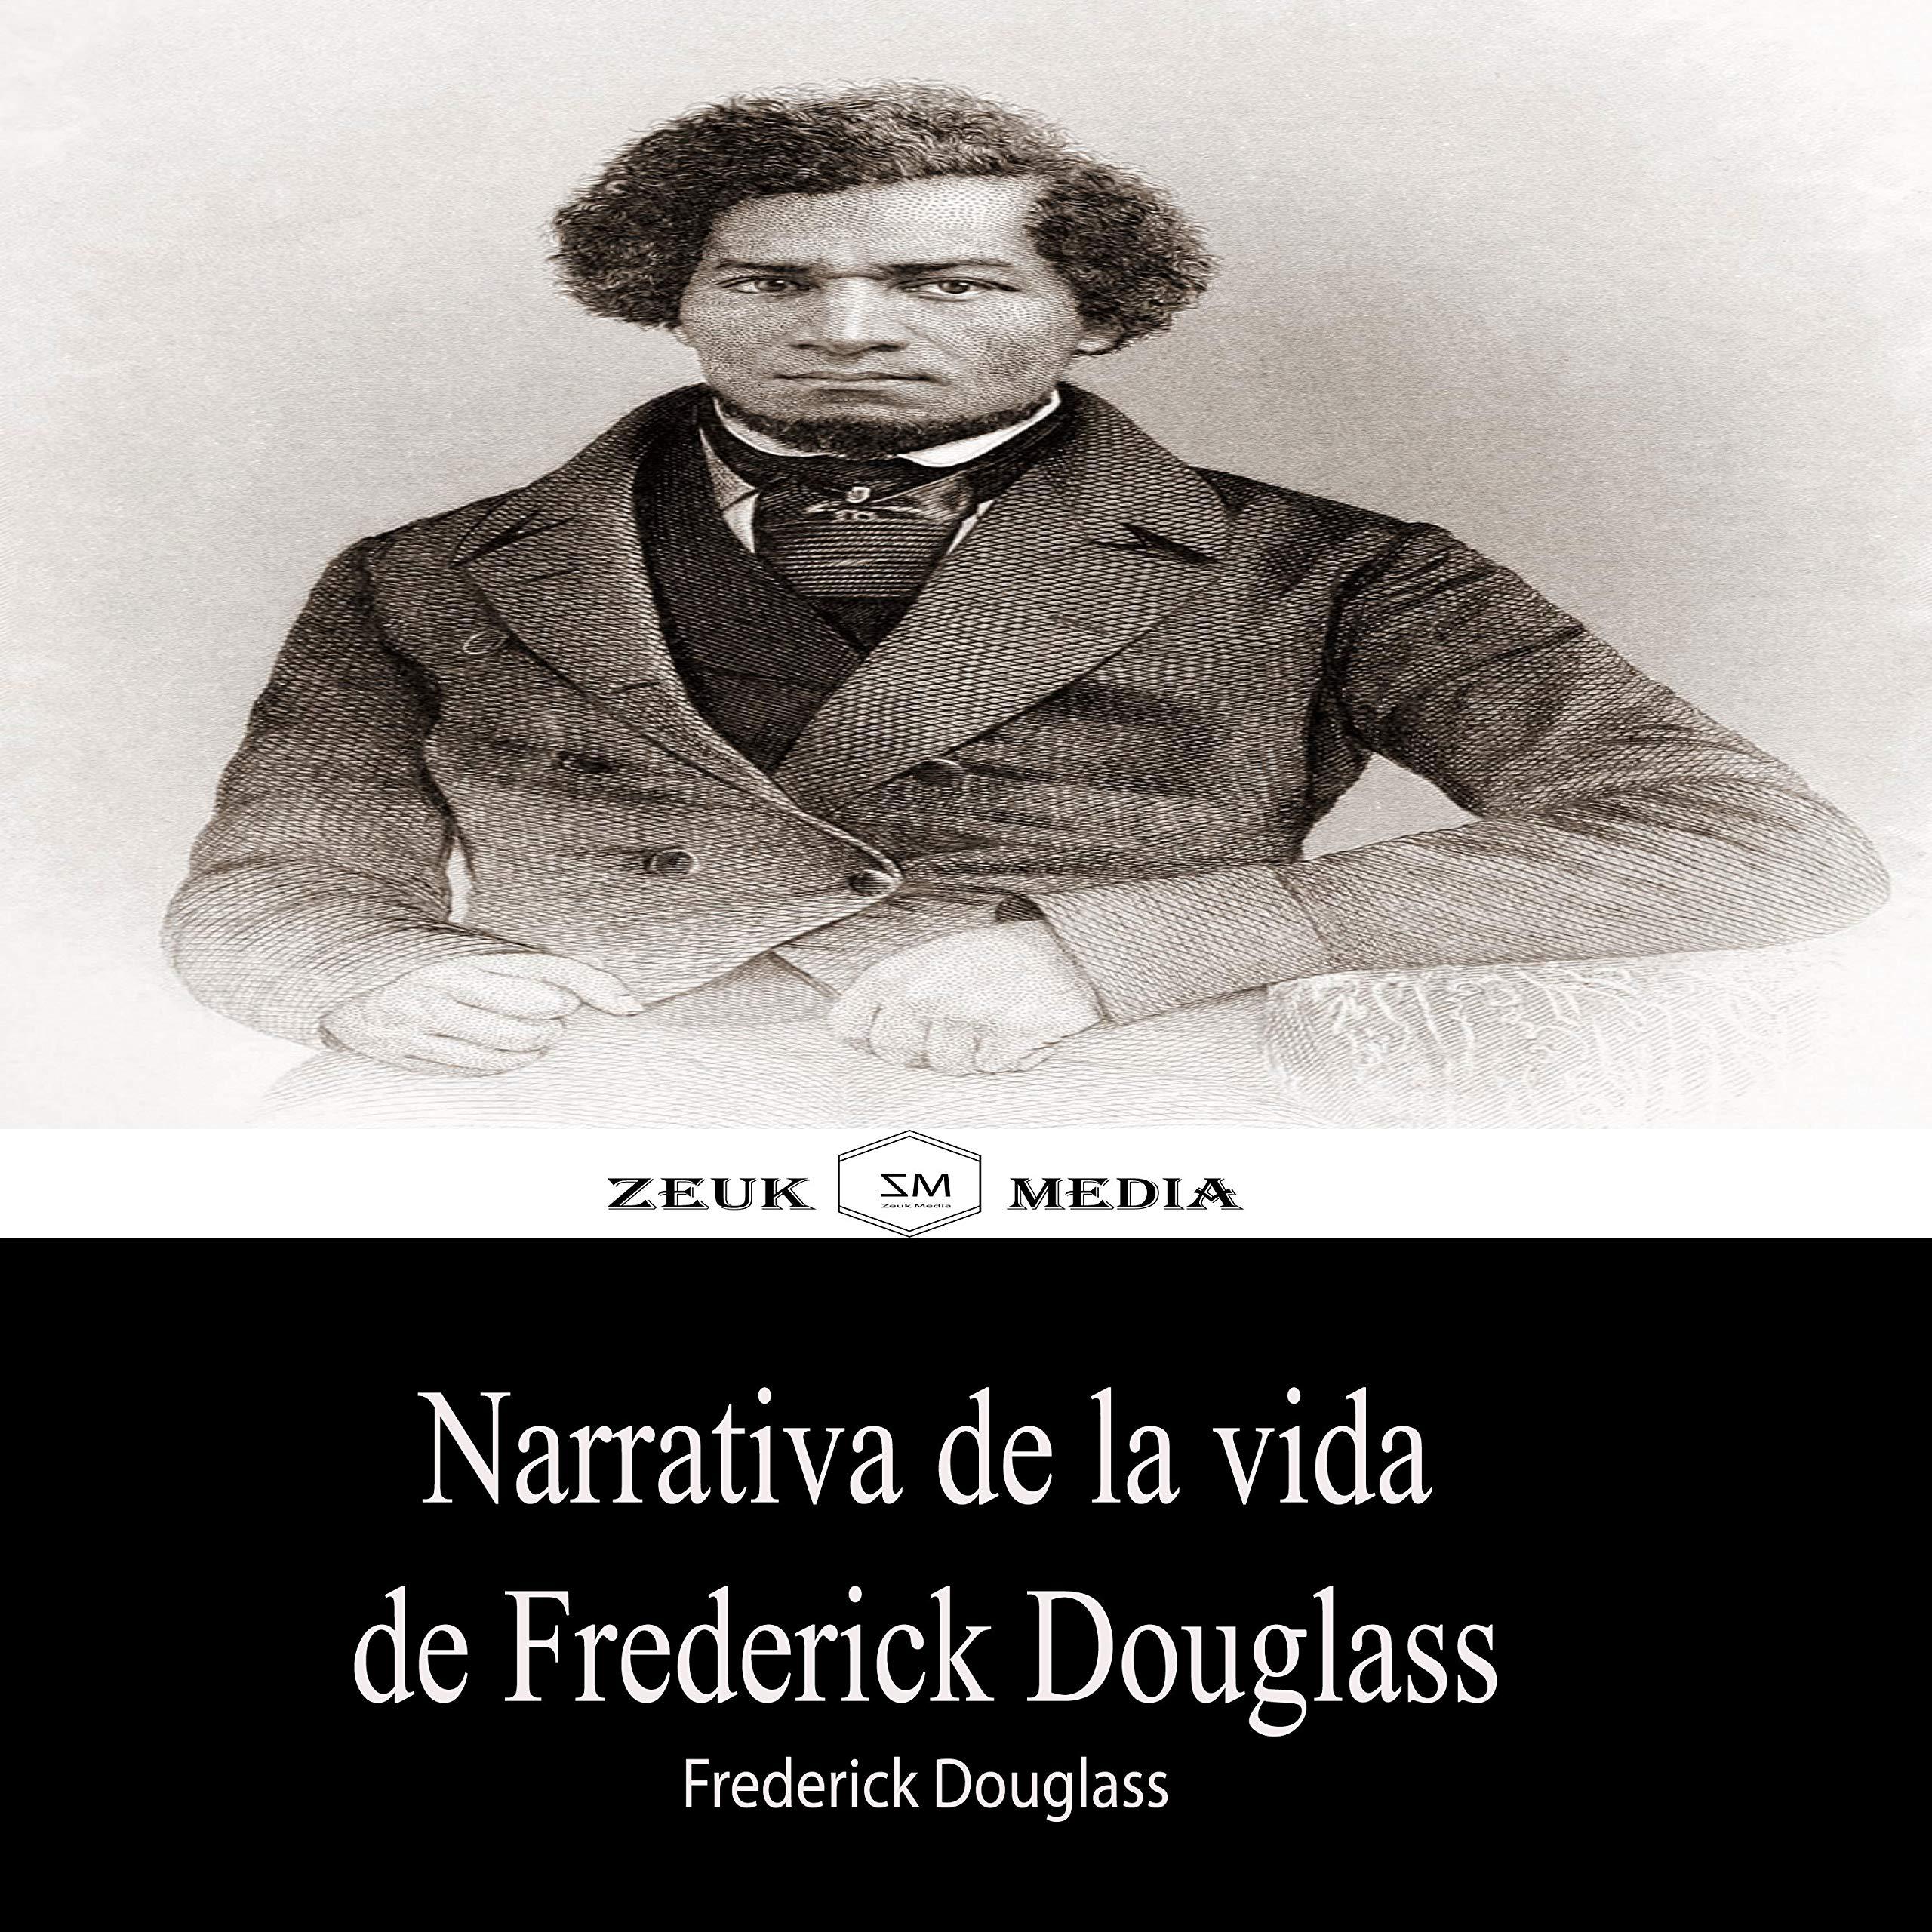 Narrativa de la vida de Frederick Douglass